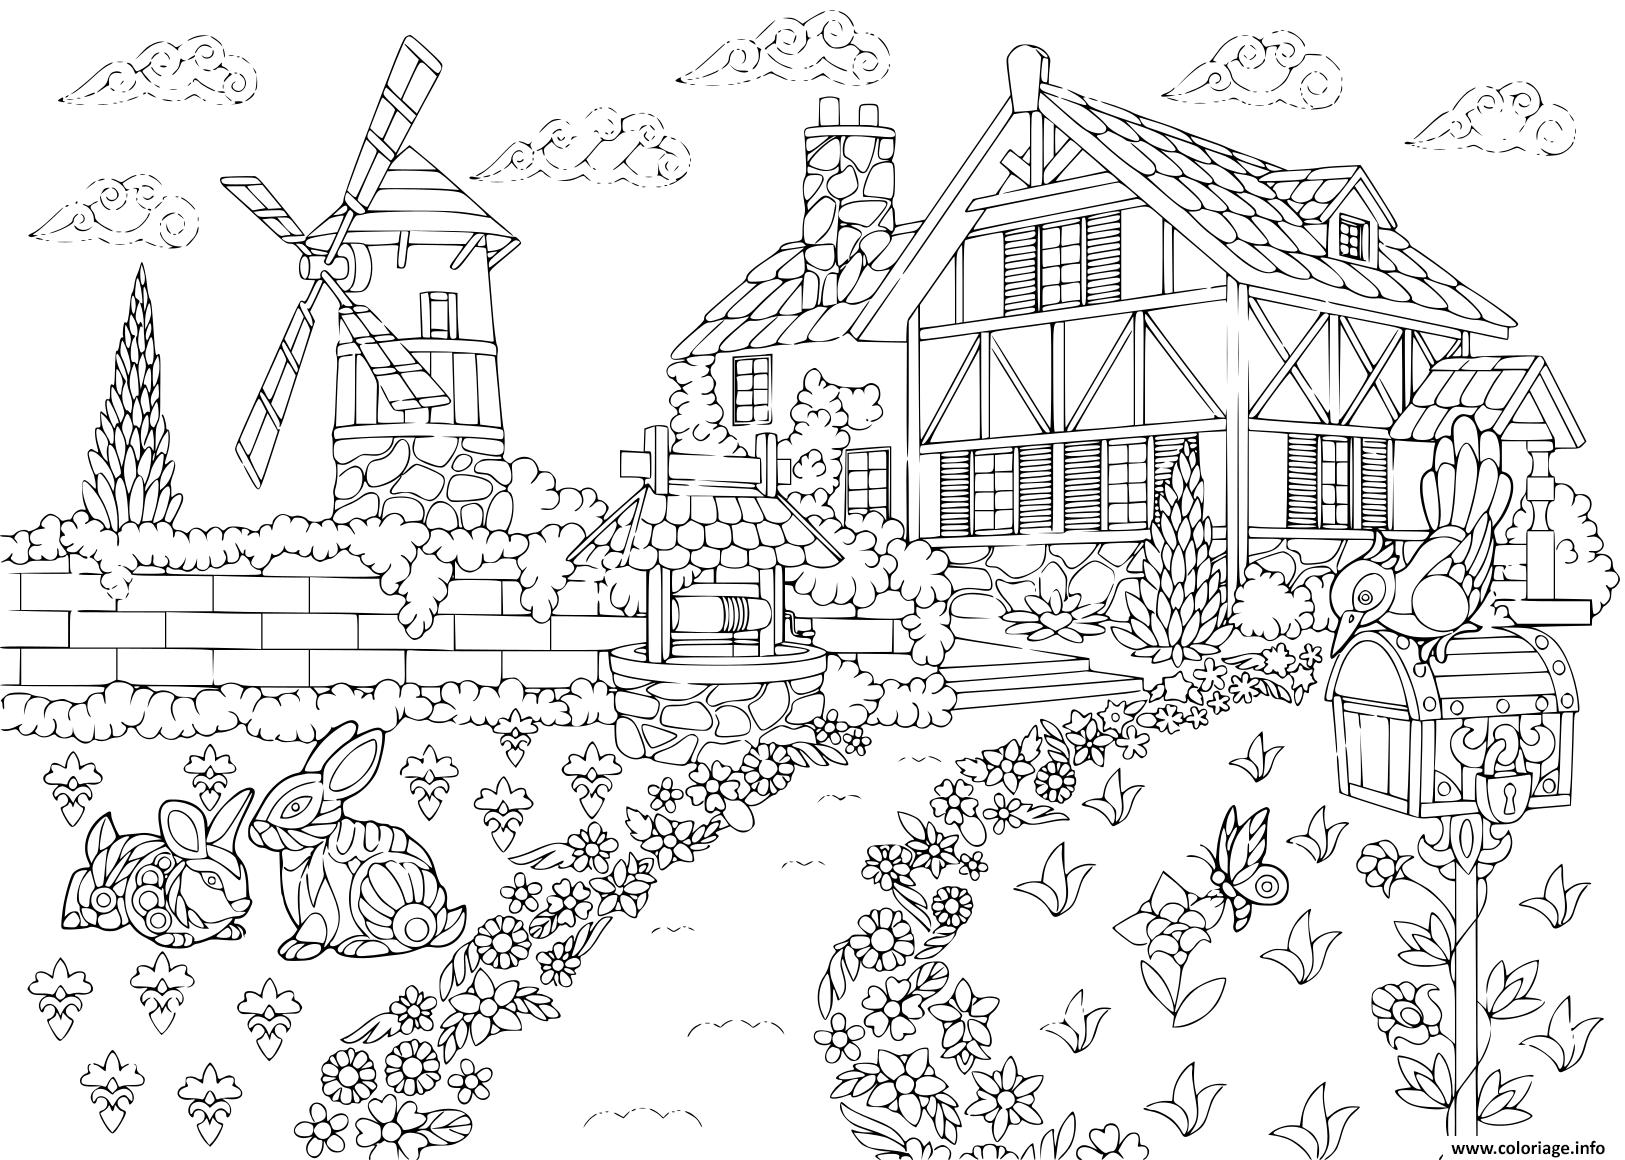 Coloriage adulte paysage rural ferme moulin a vent puits d ...